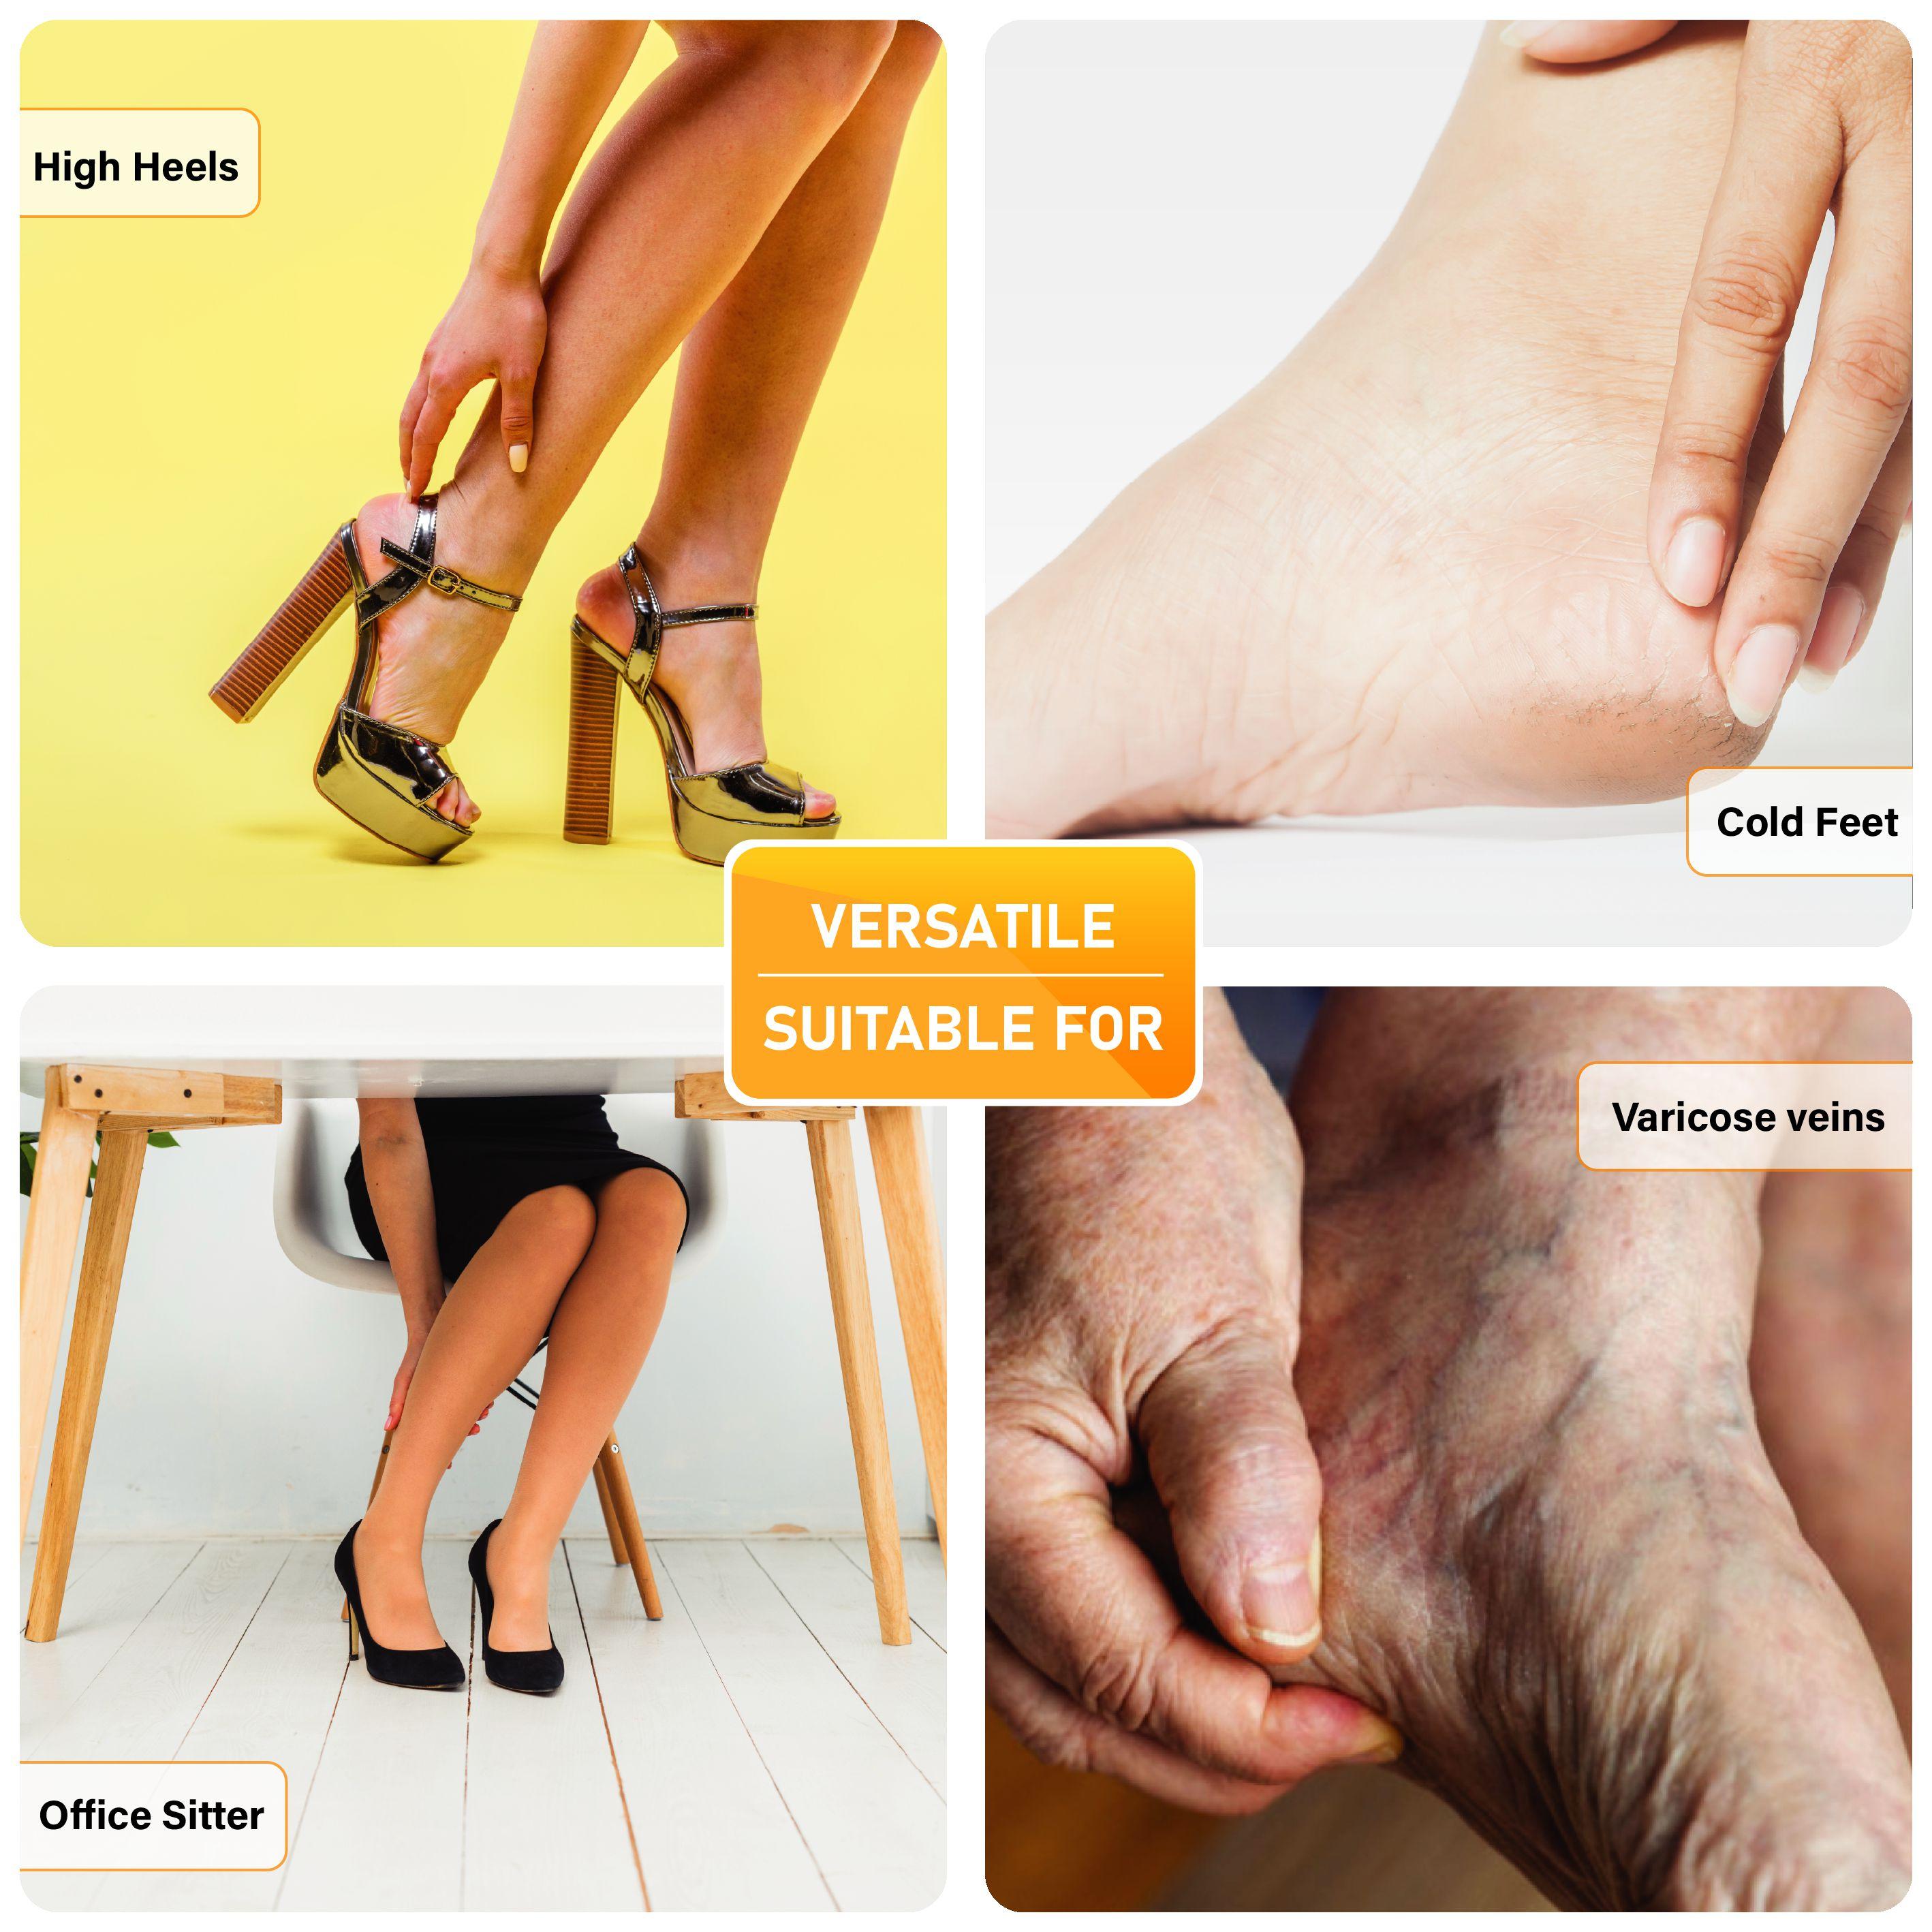 versatile ems foot massager